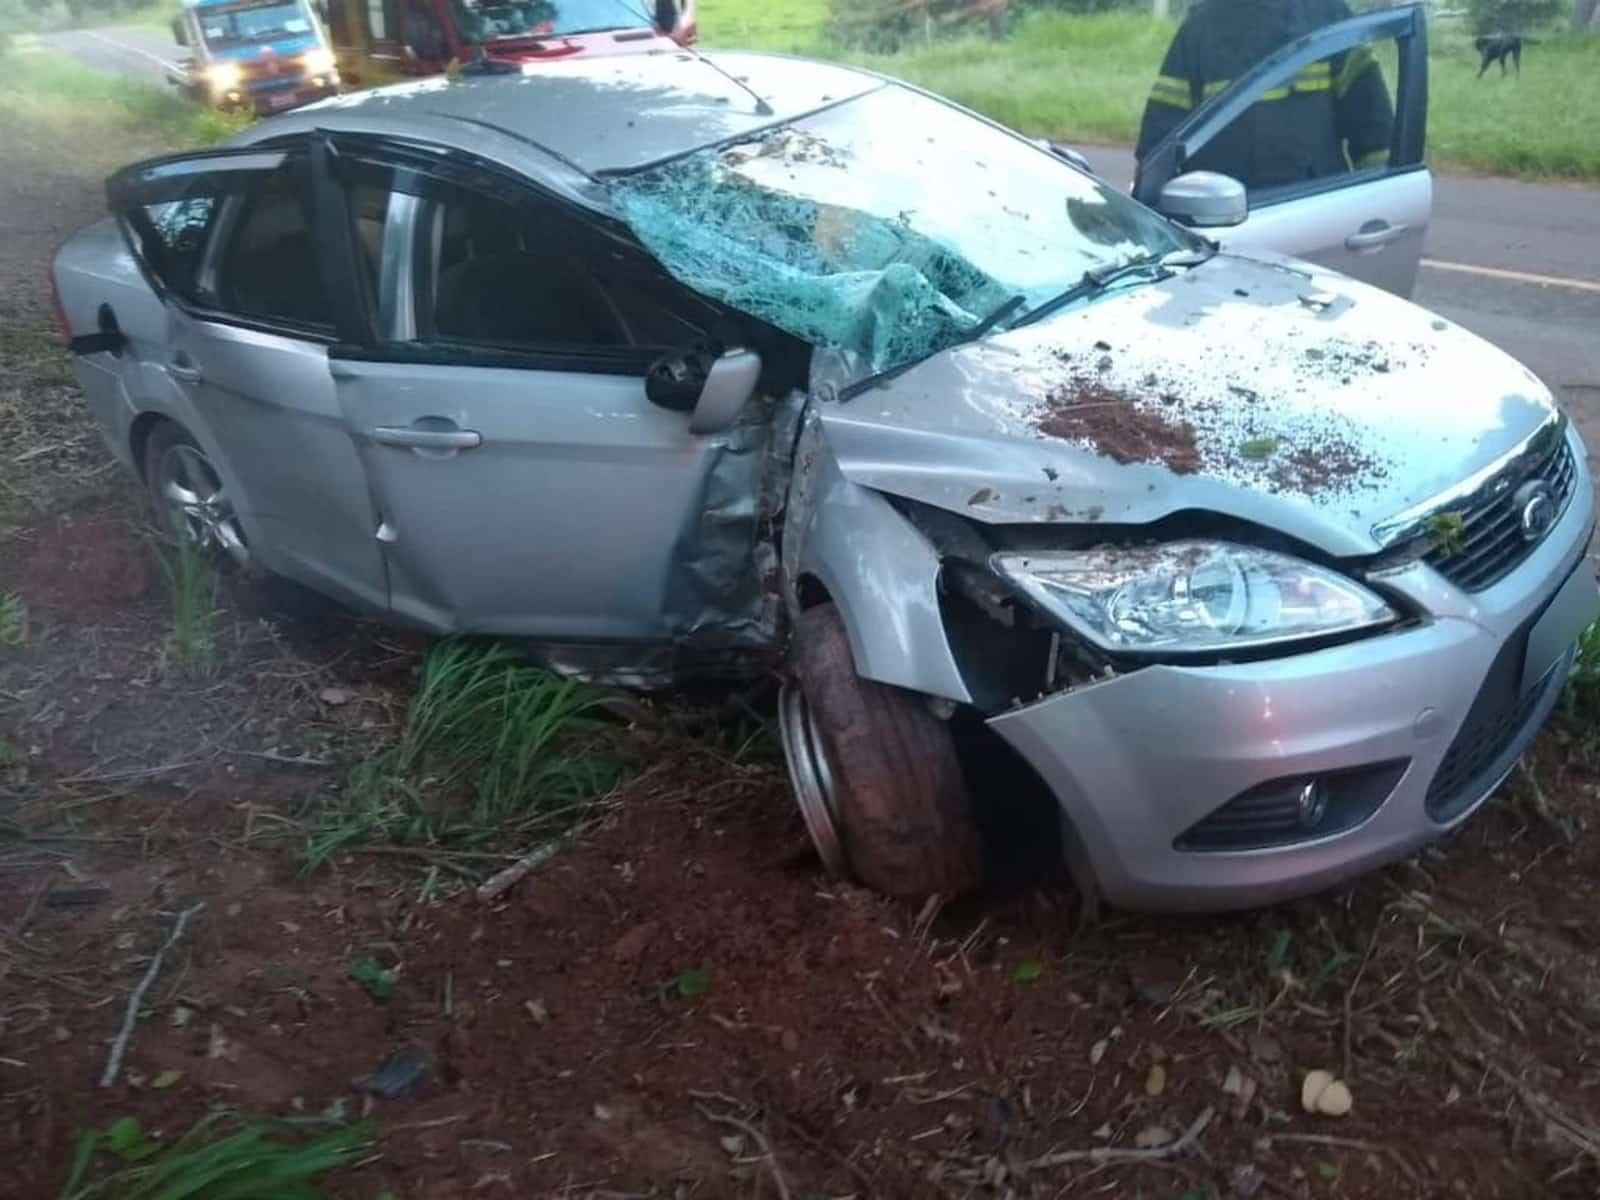 Veículo bateu em árvore, em Osvaldo Cruz — Foto: Cristiano Nascimento/Cedida